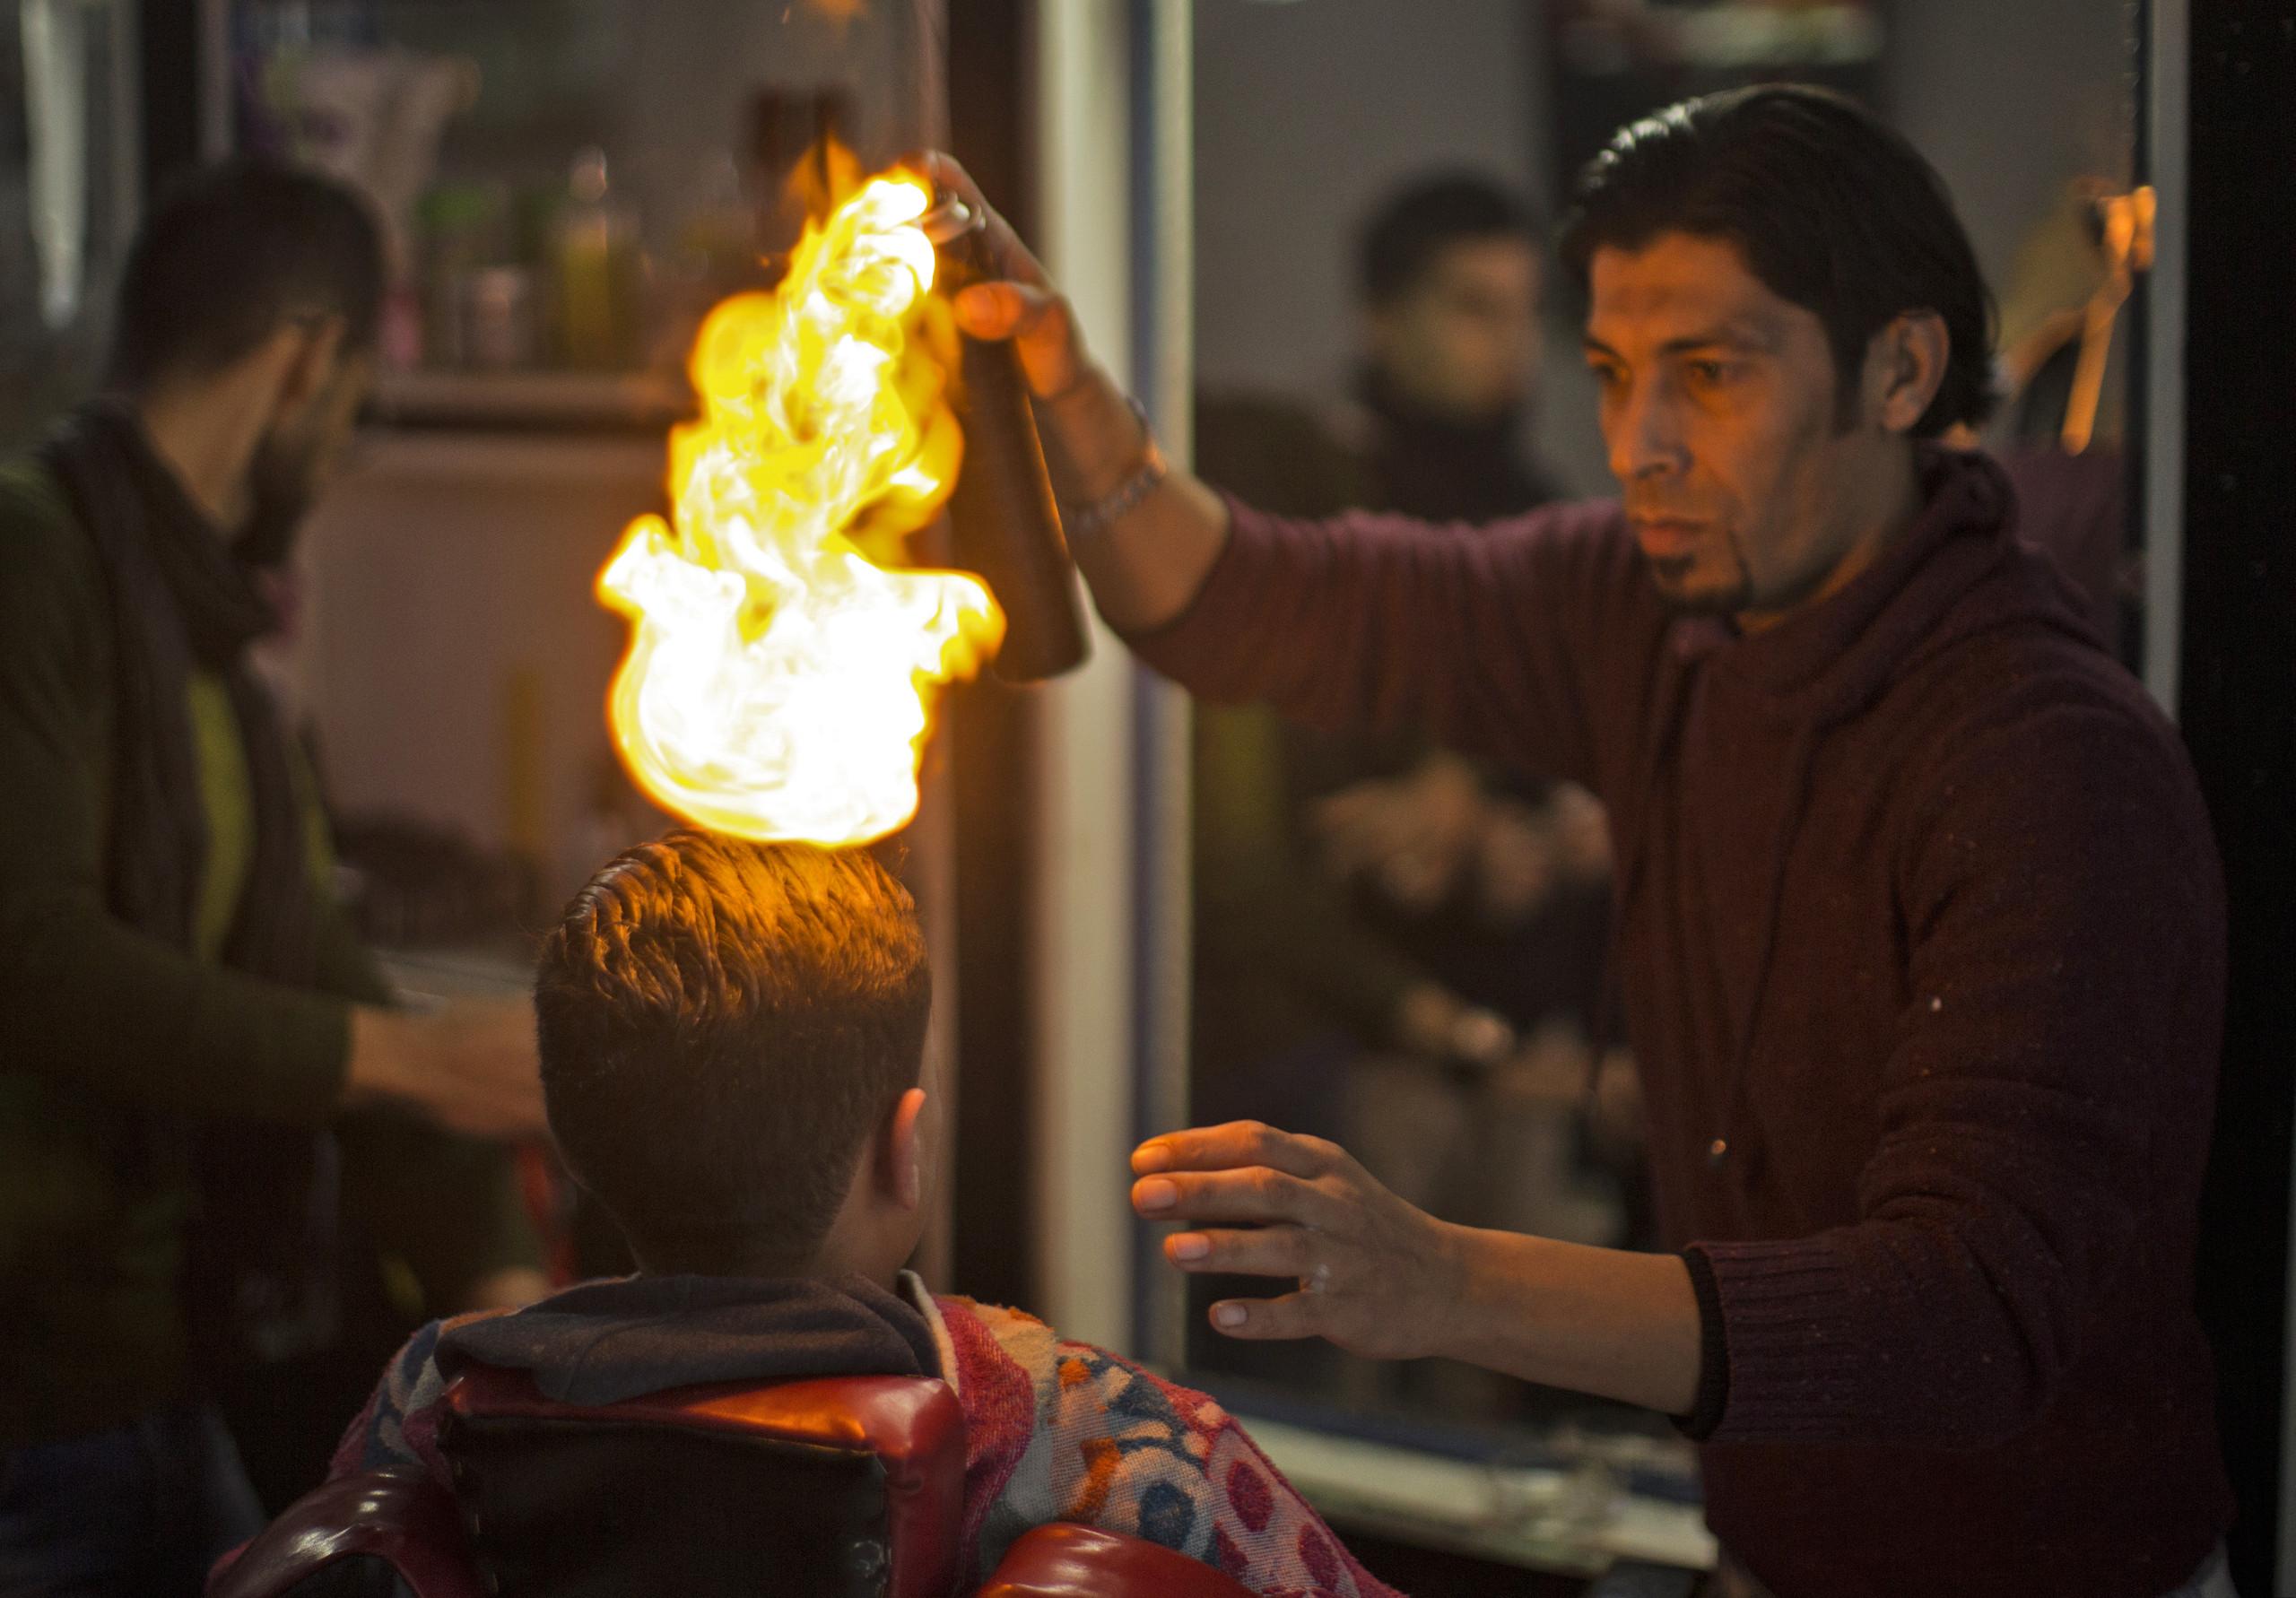 بالصور.. حلاق فلسطيني يستخدم النار فوق رؤوس زبائنه